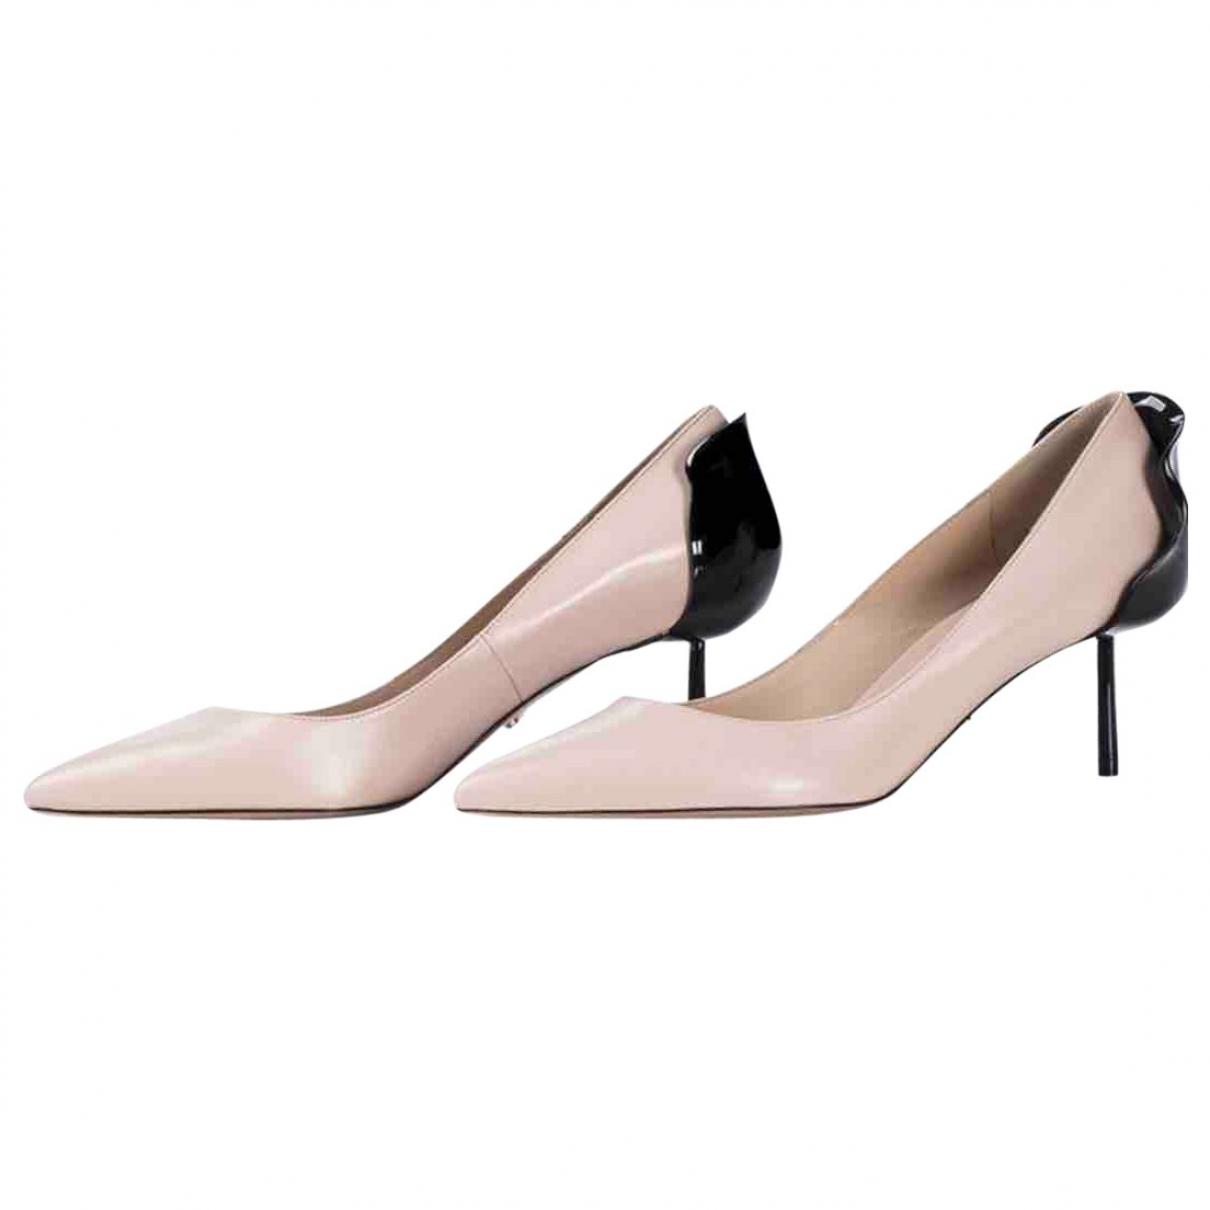 Le Silla \N Beige Leather Heels for Women 38 EU